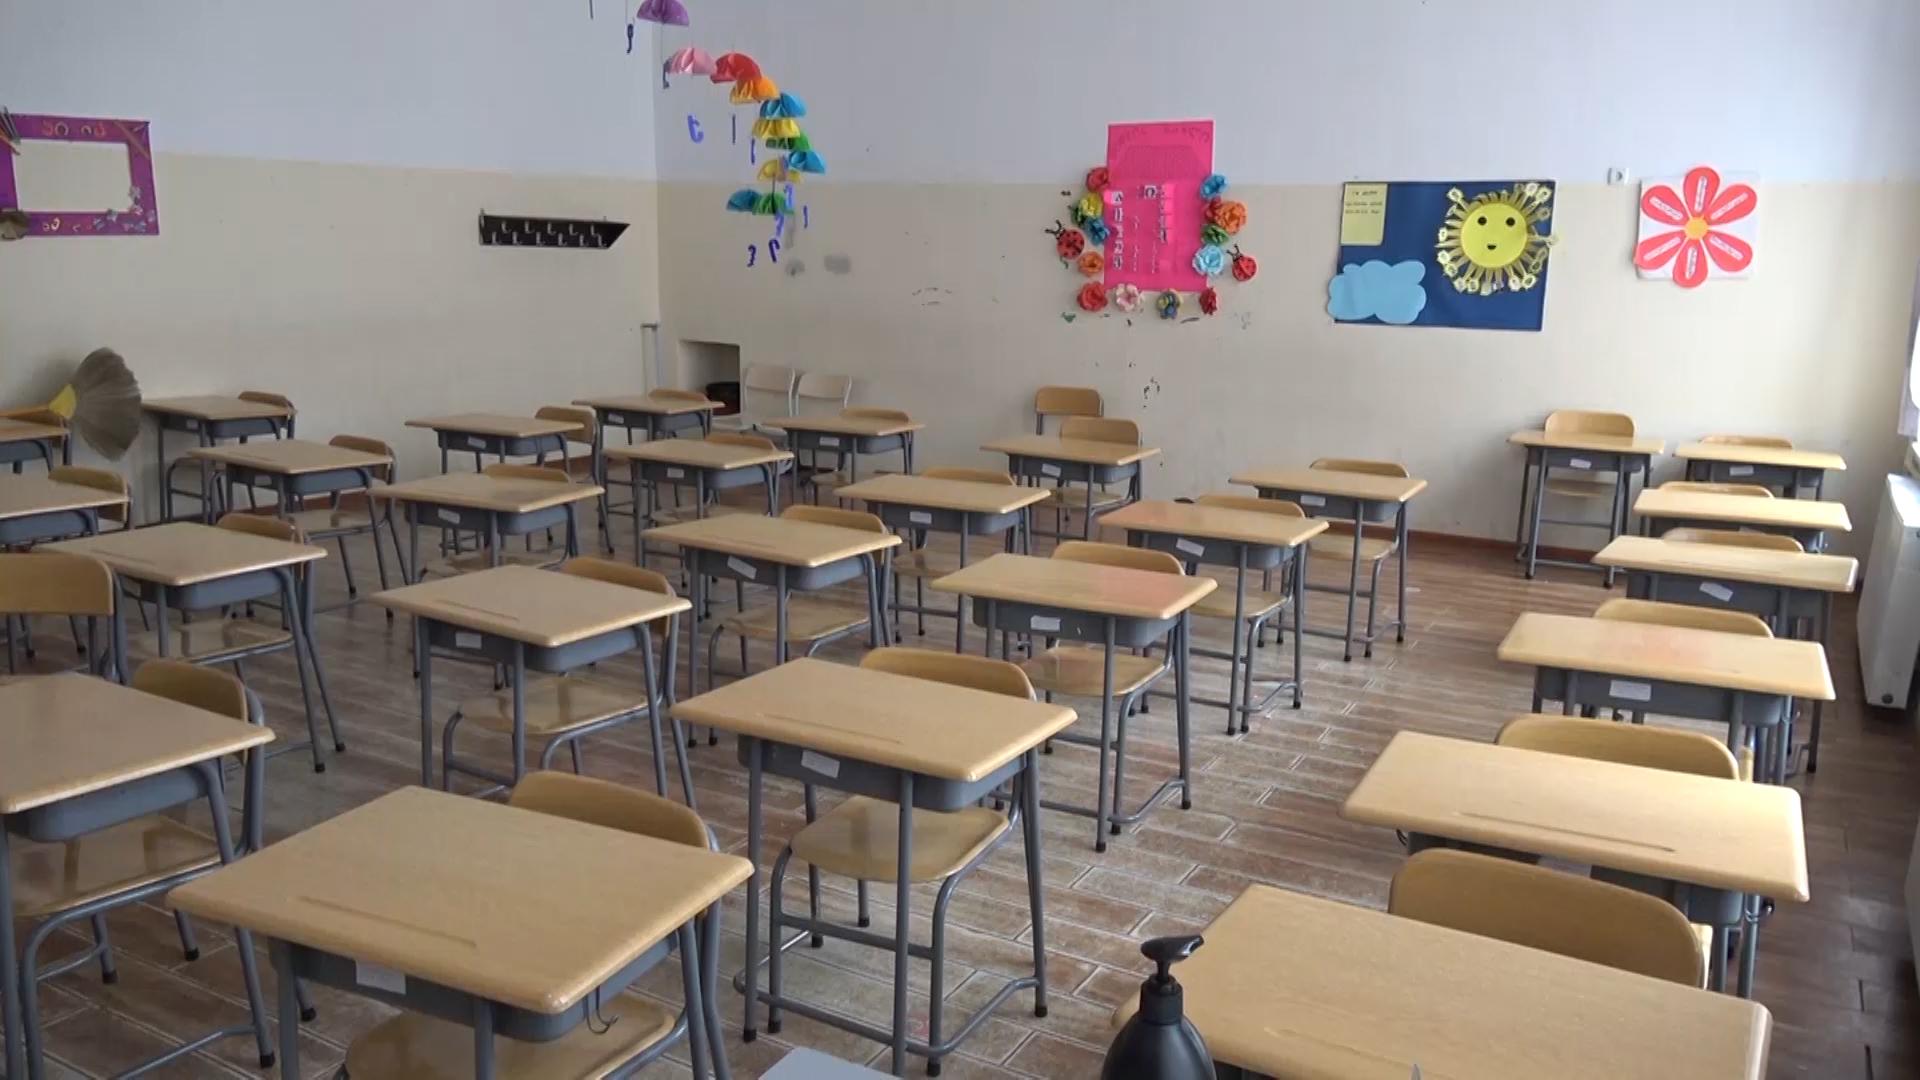 ხვალ სკოლებში სწავლა იწყება, ხოლო ბაღებში სასწავლო -სააღმზრდელო პროცესი 17 მაისს განახლდება